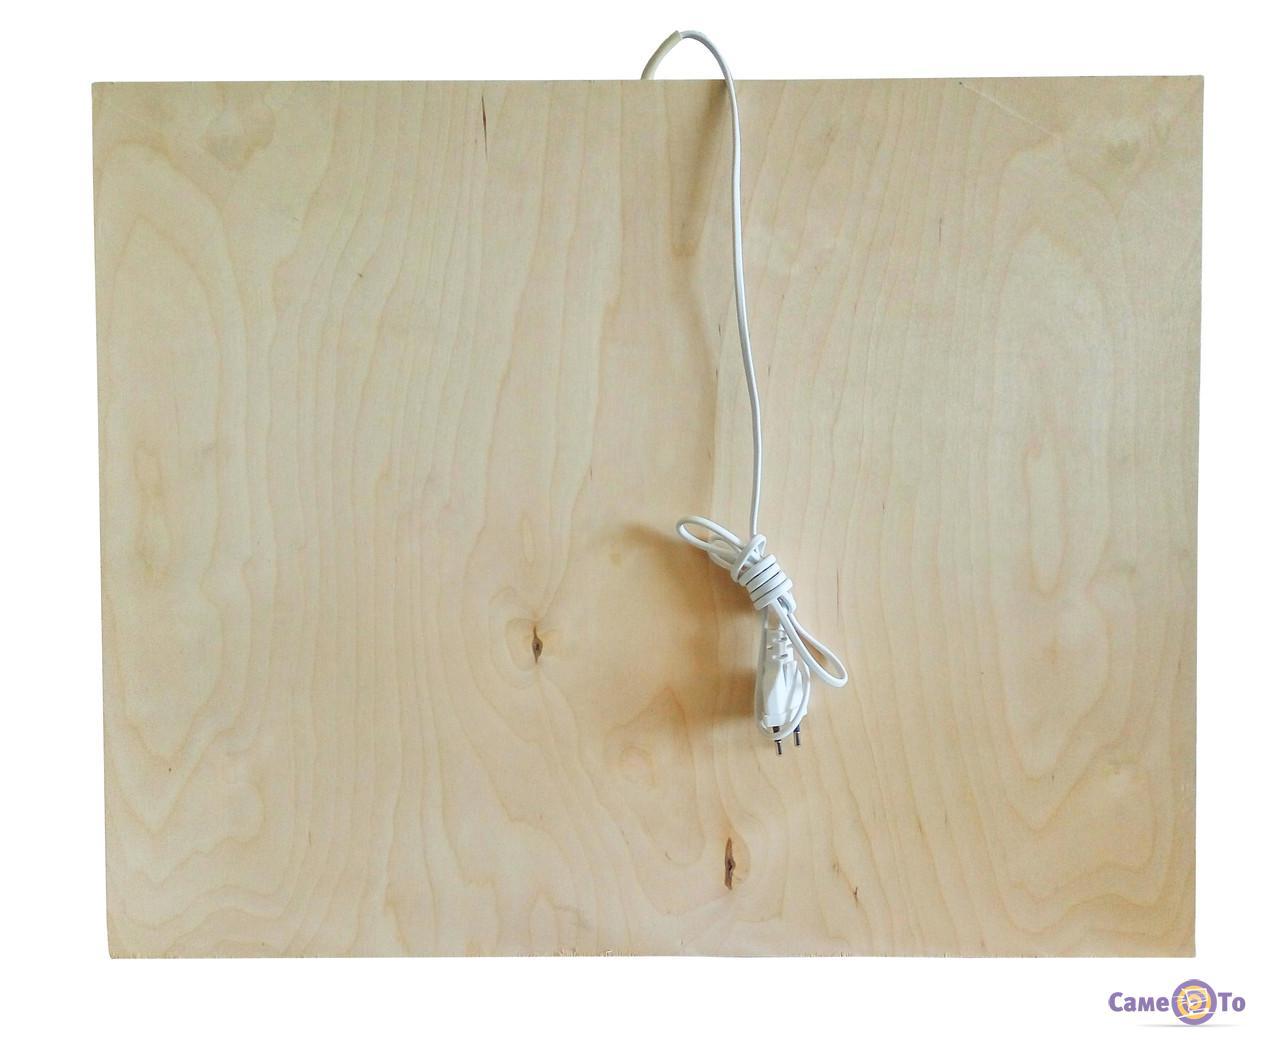 Подставка обогреватель Трио, 160 Вт - инфракрасный обогрев